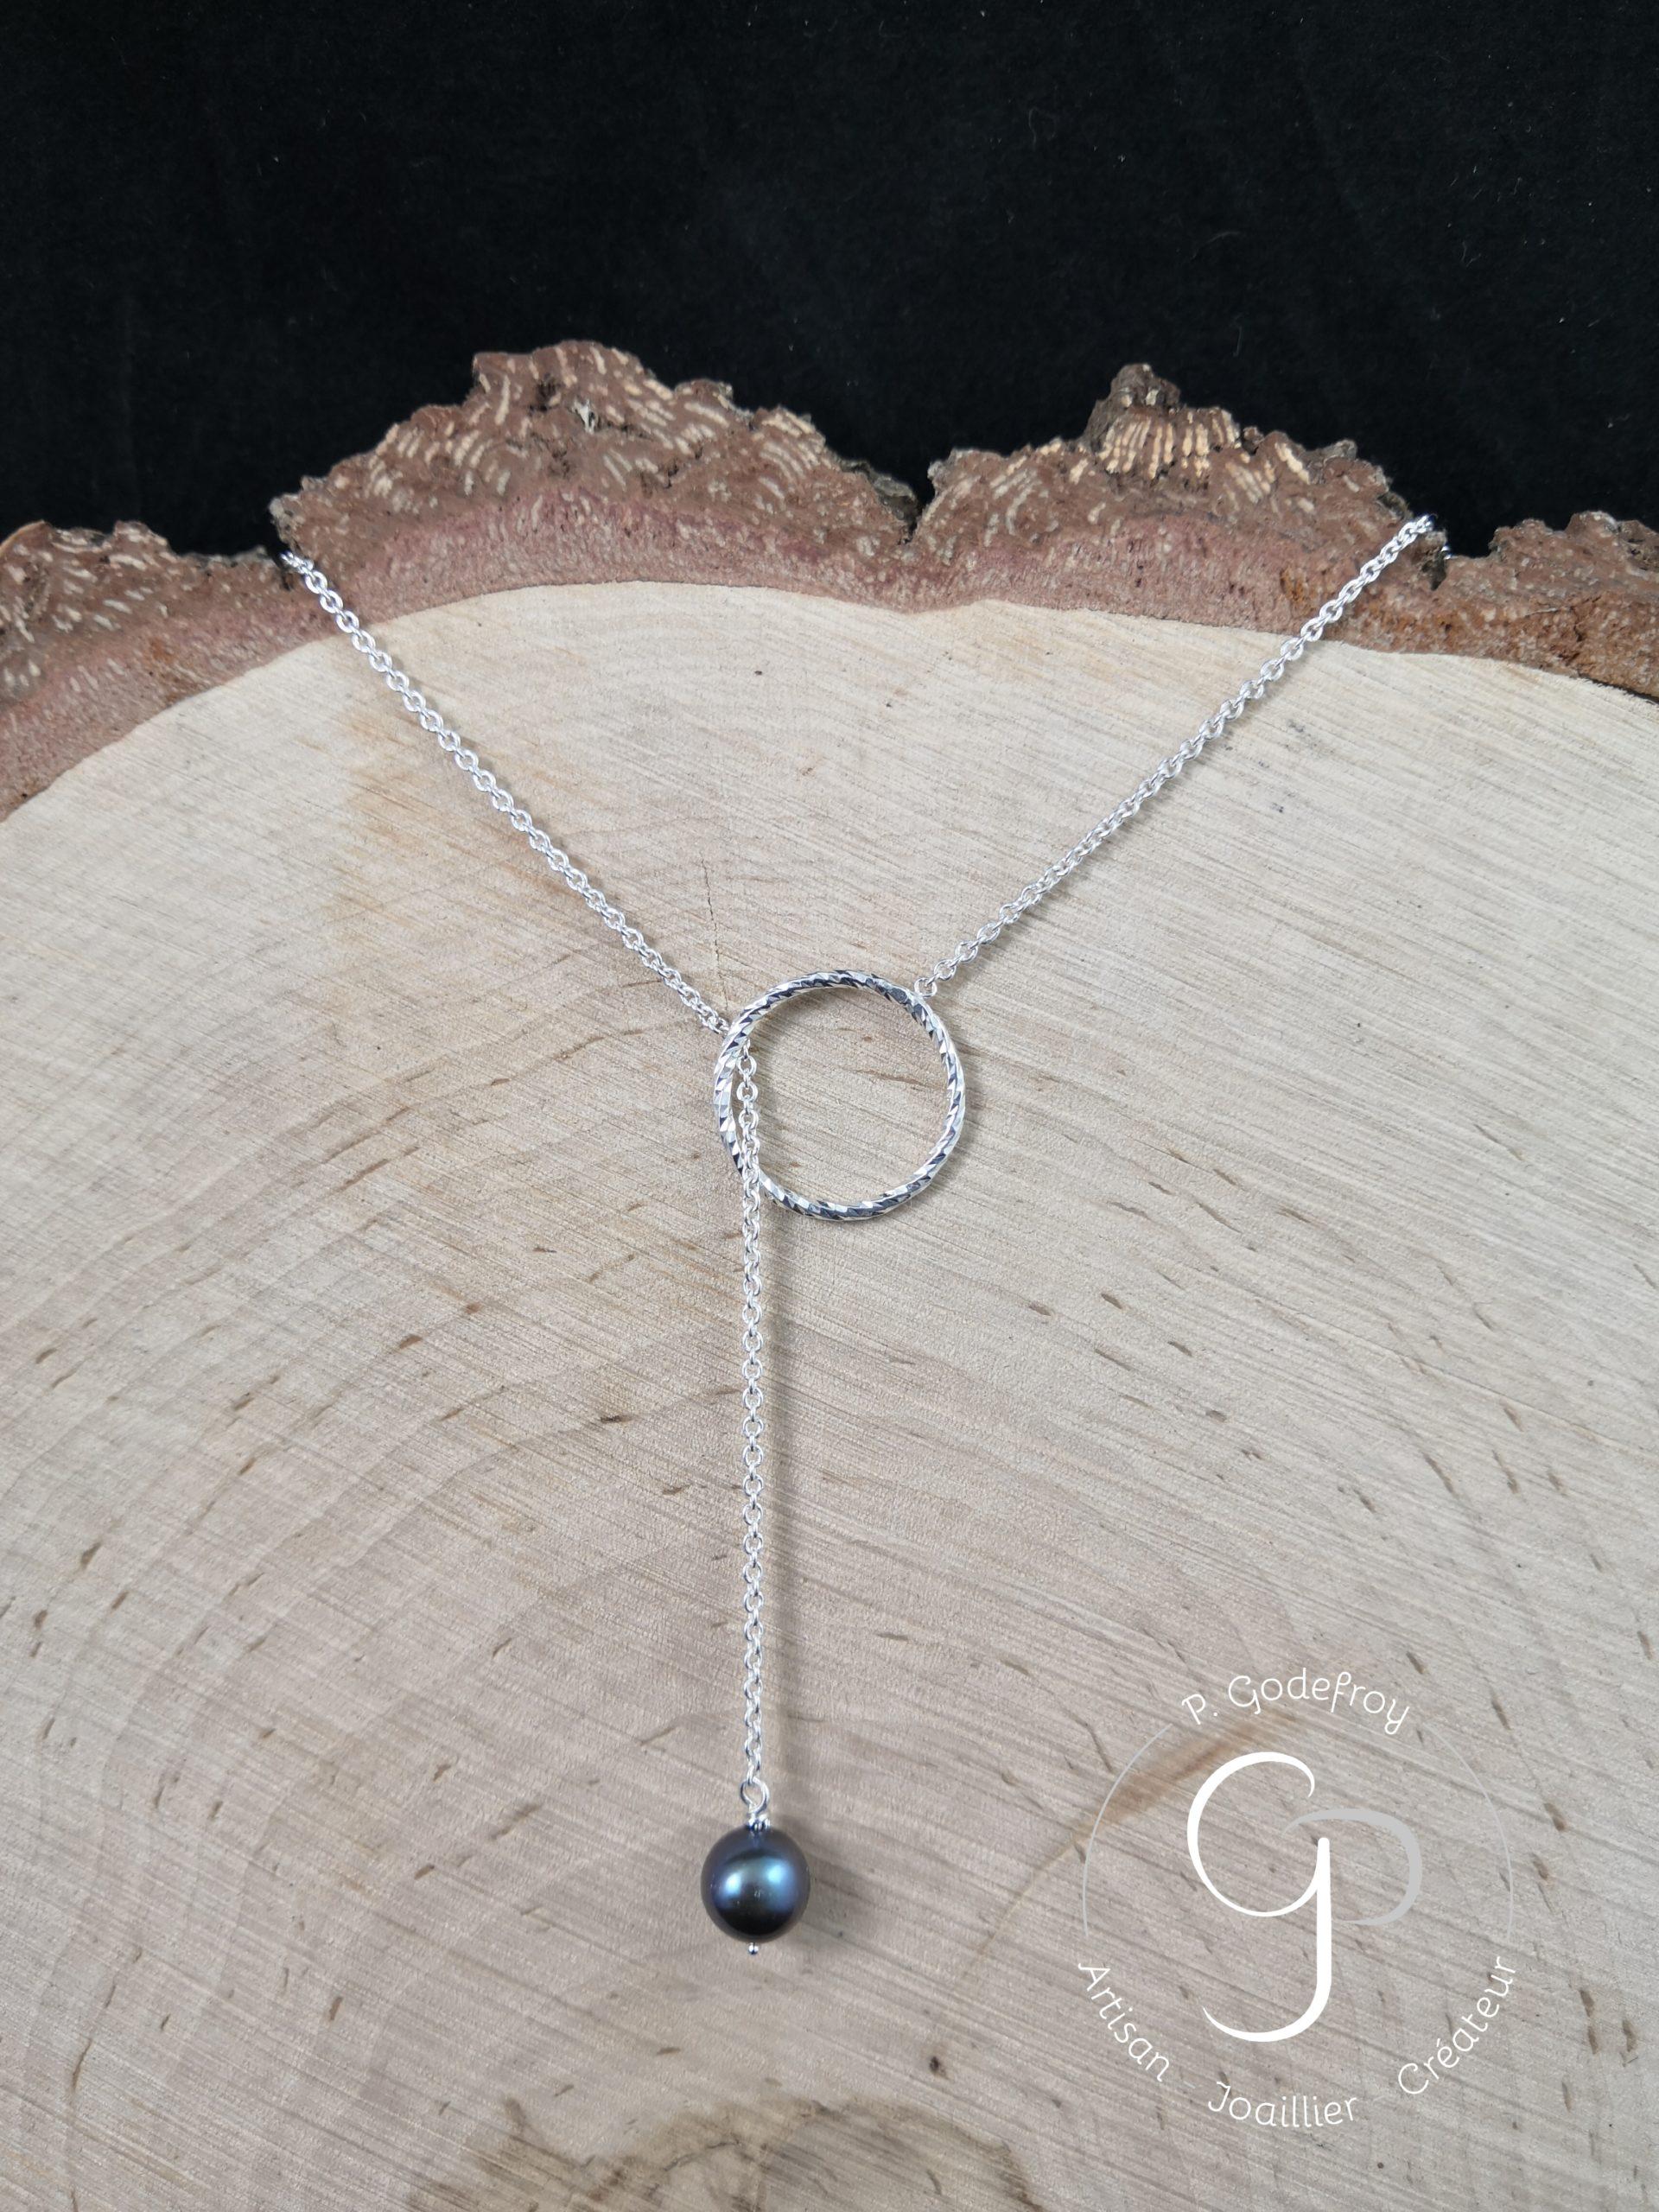 Collier cercle diamanté perle d'eau douce teintée argent 925 millièmes 68 euros